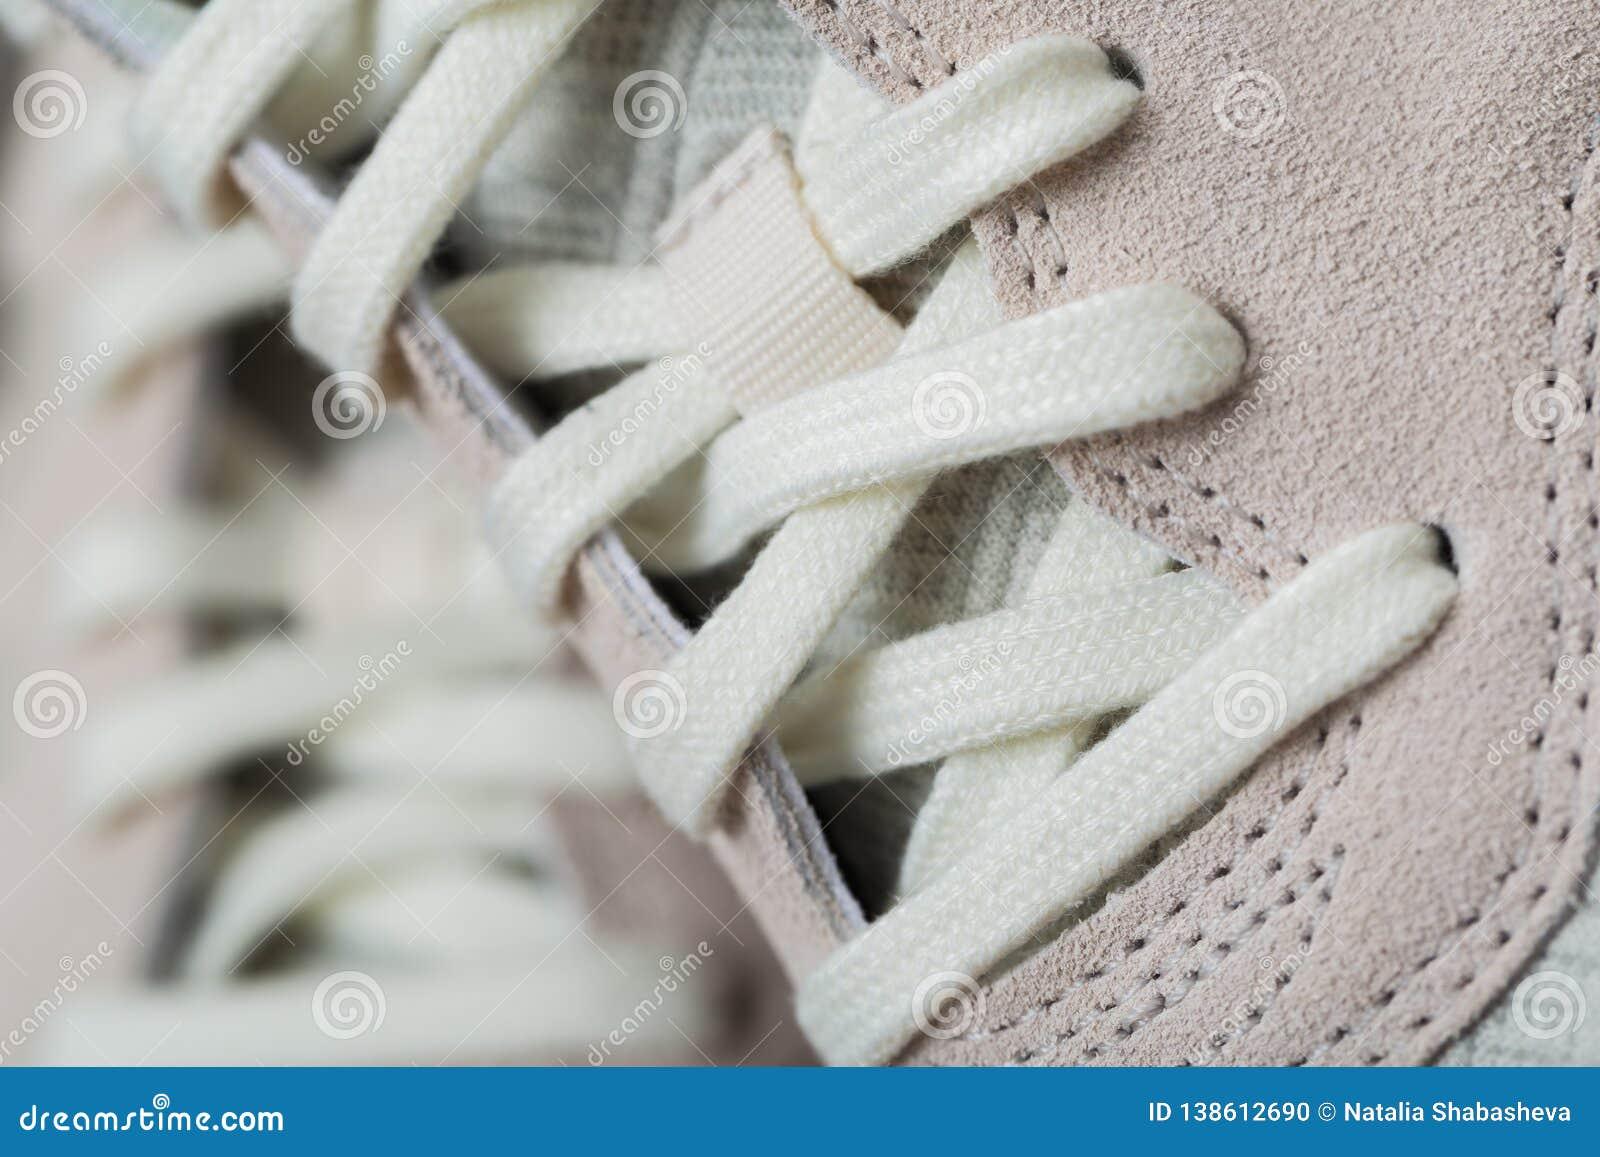 有白色鞋带的运动鞋